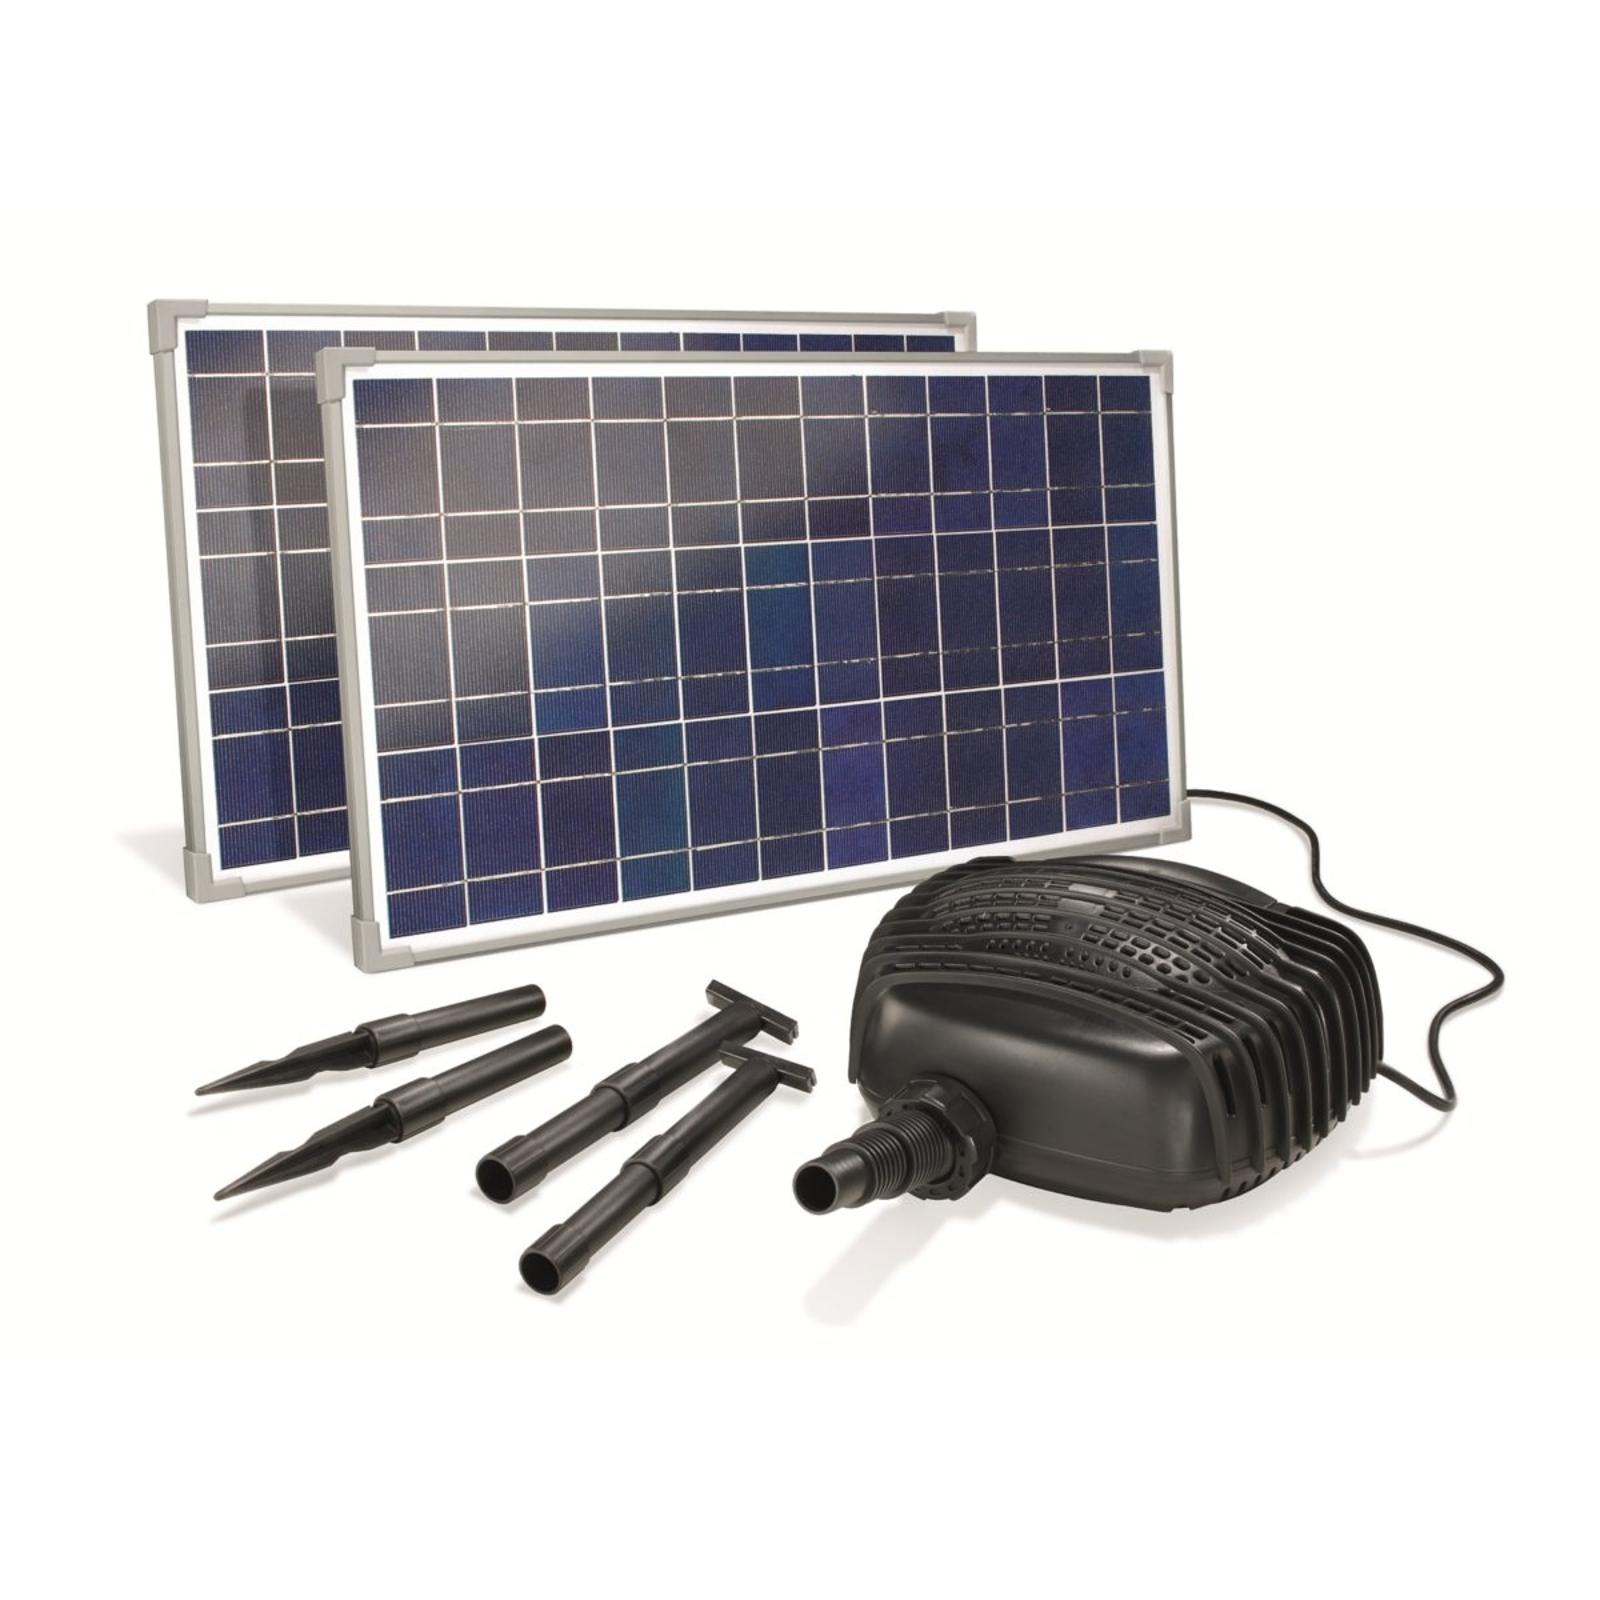 Adria aurinkokäyttöinen virtauspumppujärjestelmä